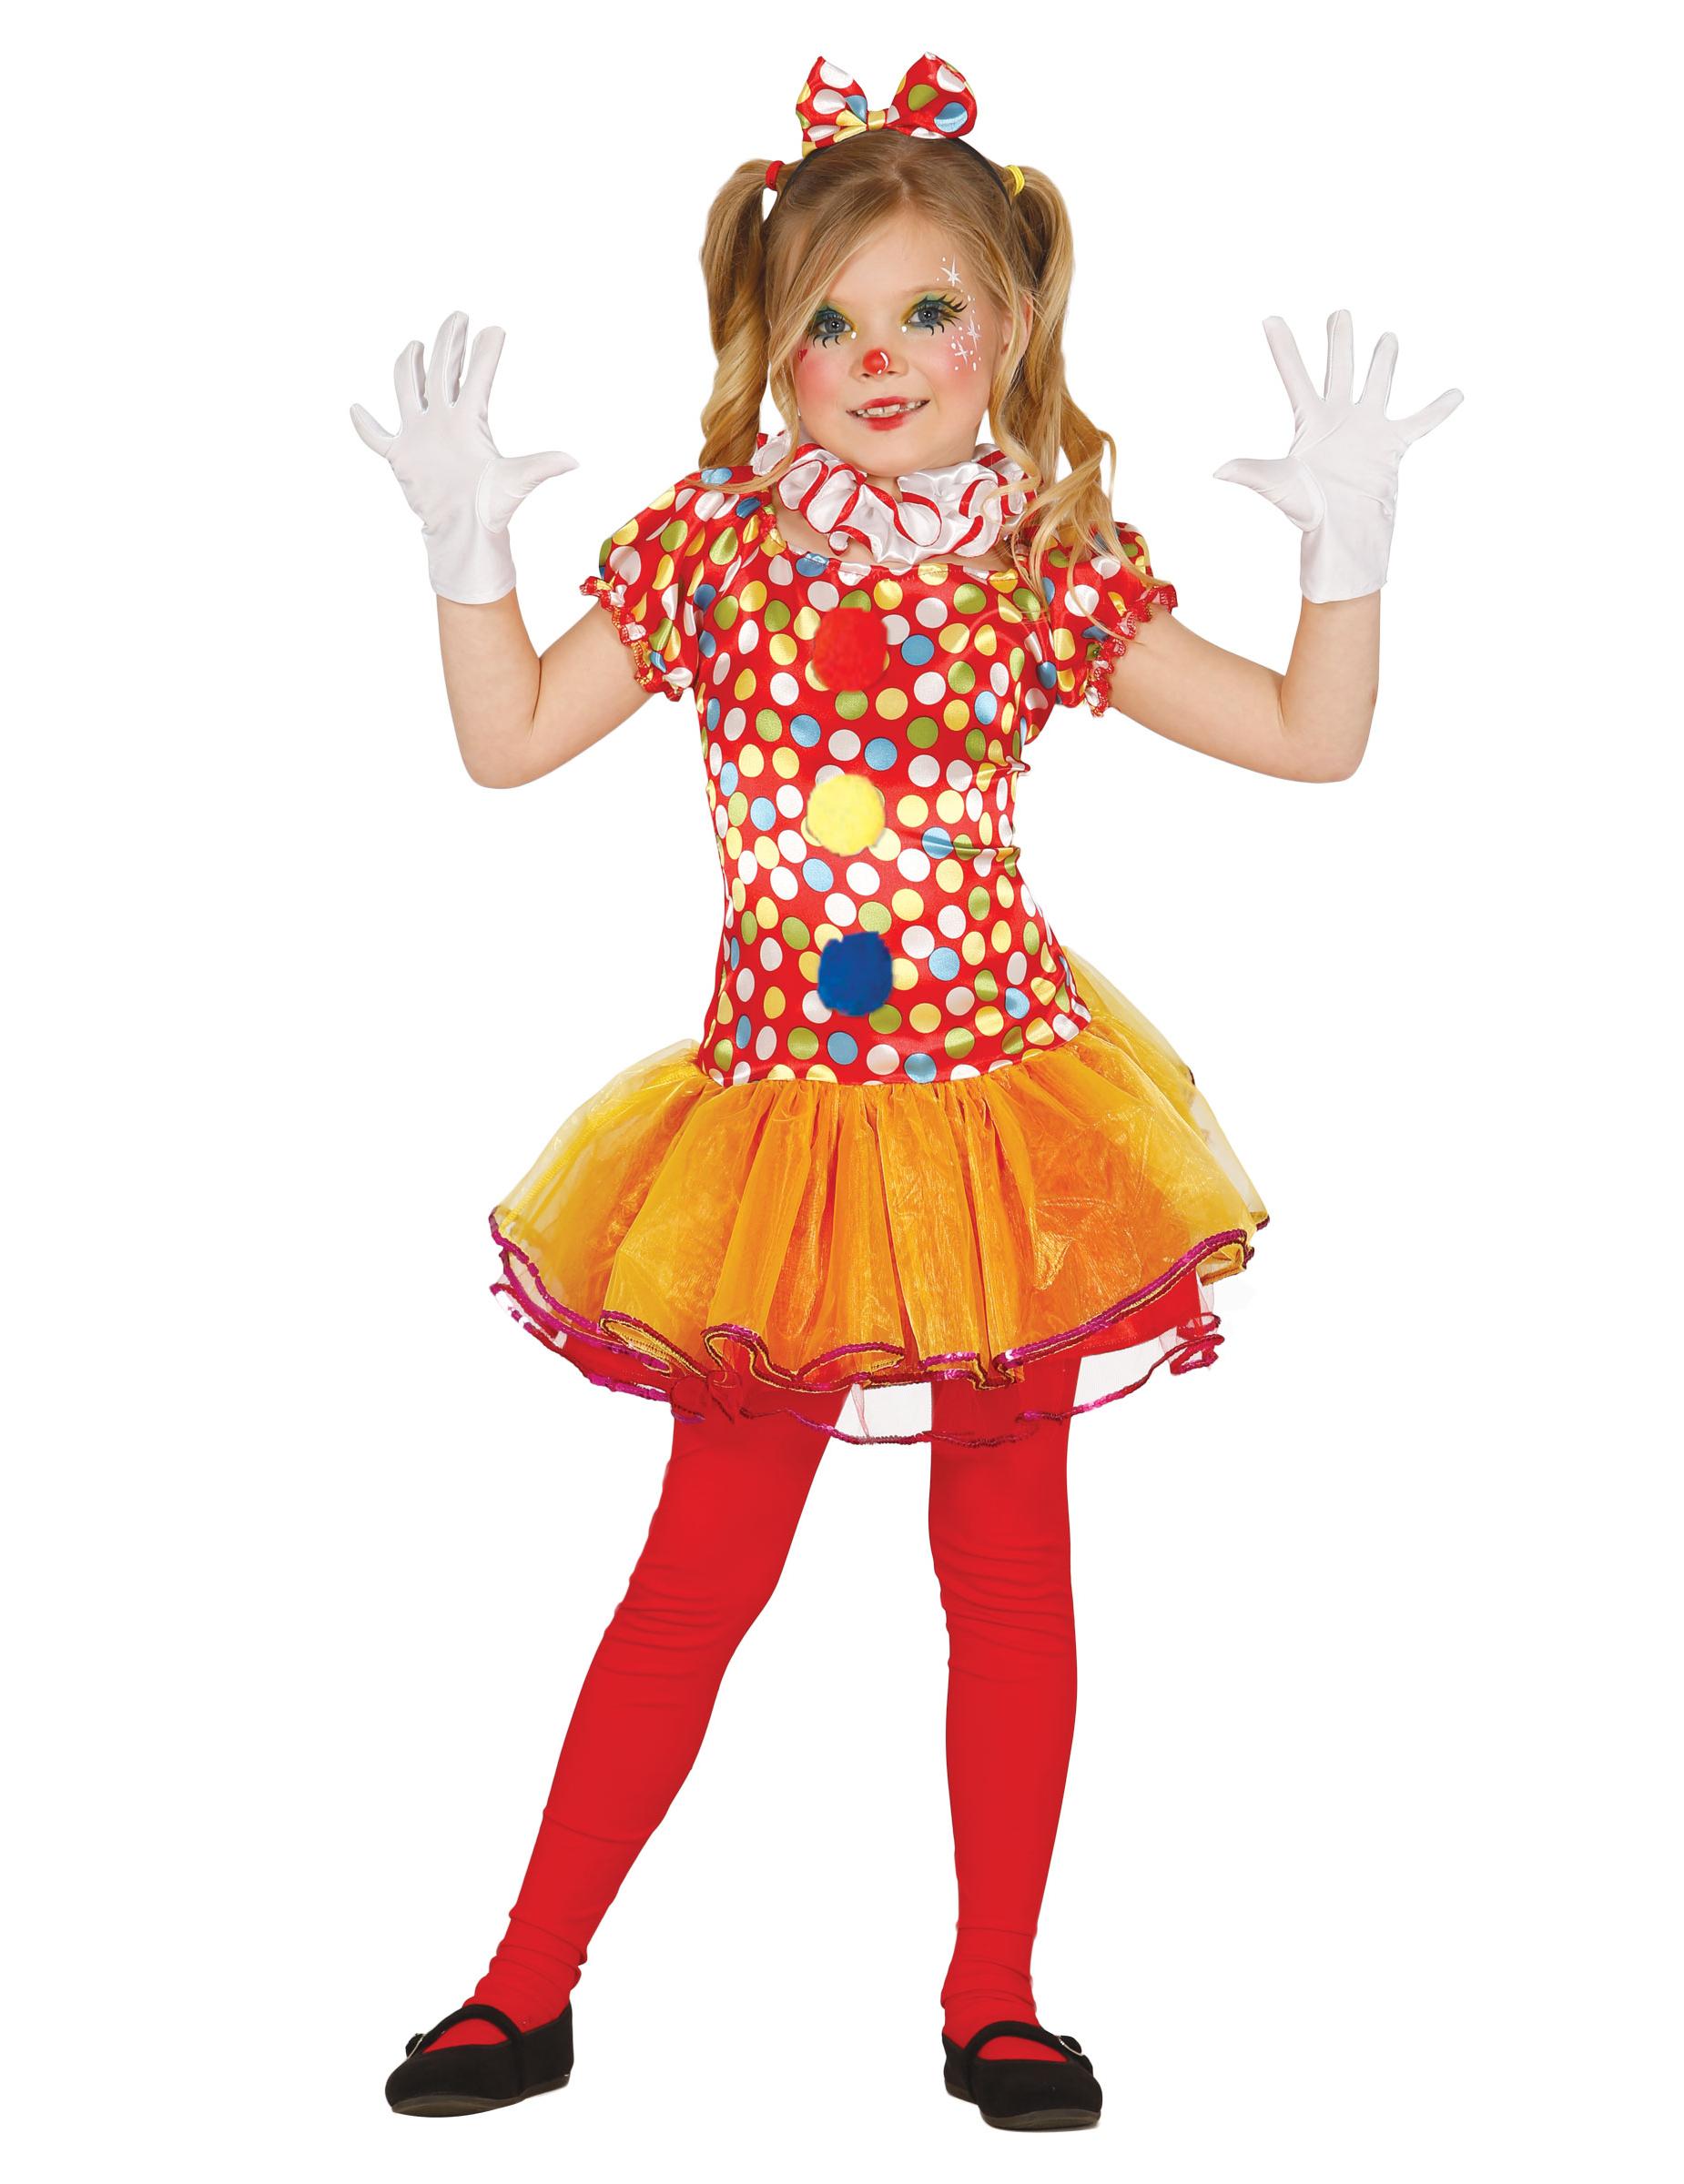 d guisement clown multicolore avec tutu fille deguise toi achat de d guisements enfants. Black Bedroom Furniture Sets. Home Design Ideas